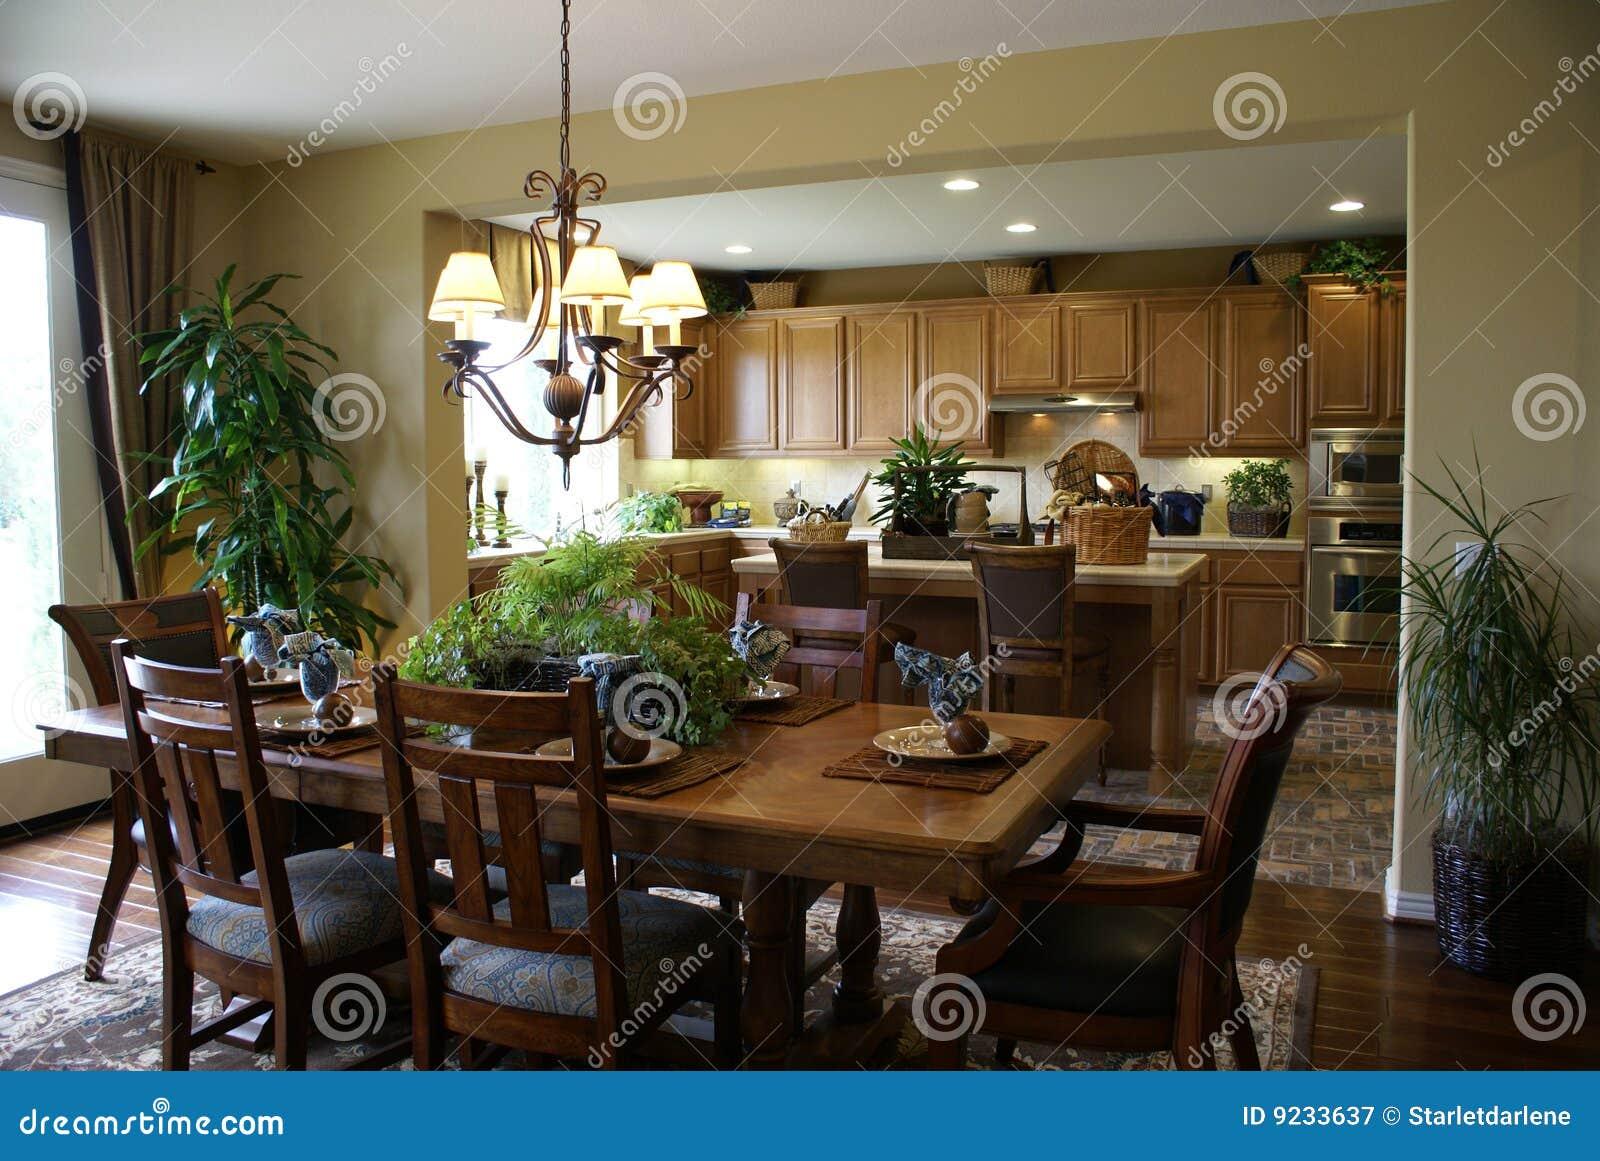 sch ne k che und esszimmer lizenzfreie stockfotografie bild 9233637. Black Bedroom Furniture Sets. Home Design Ideas